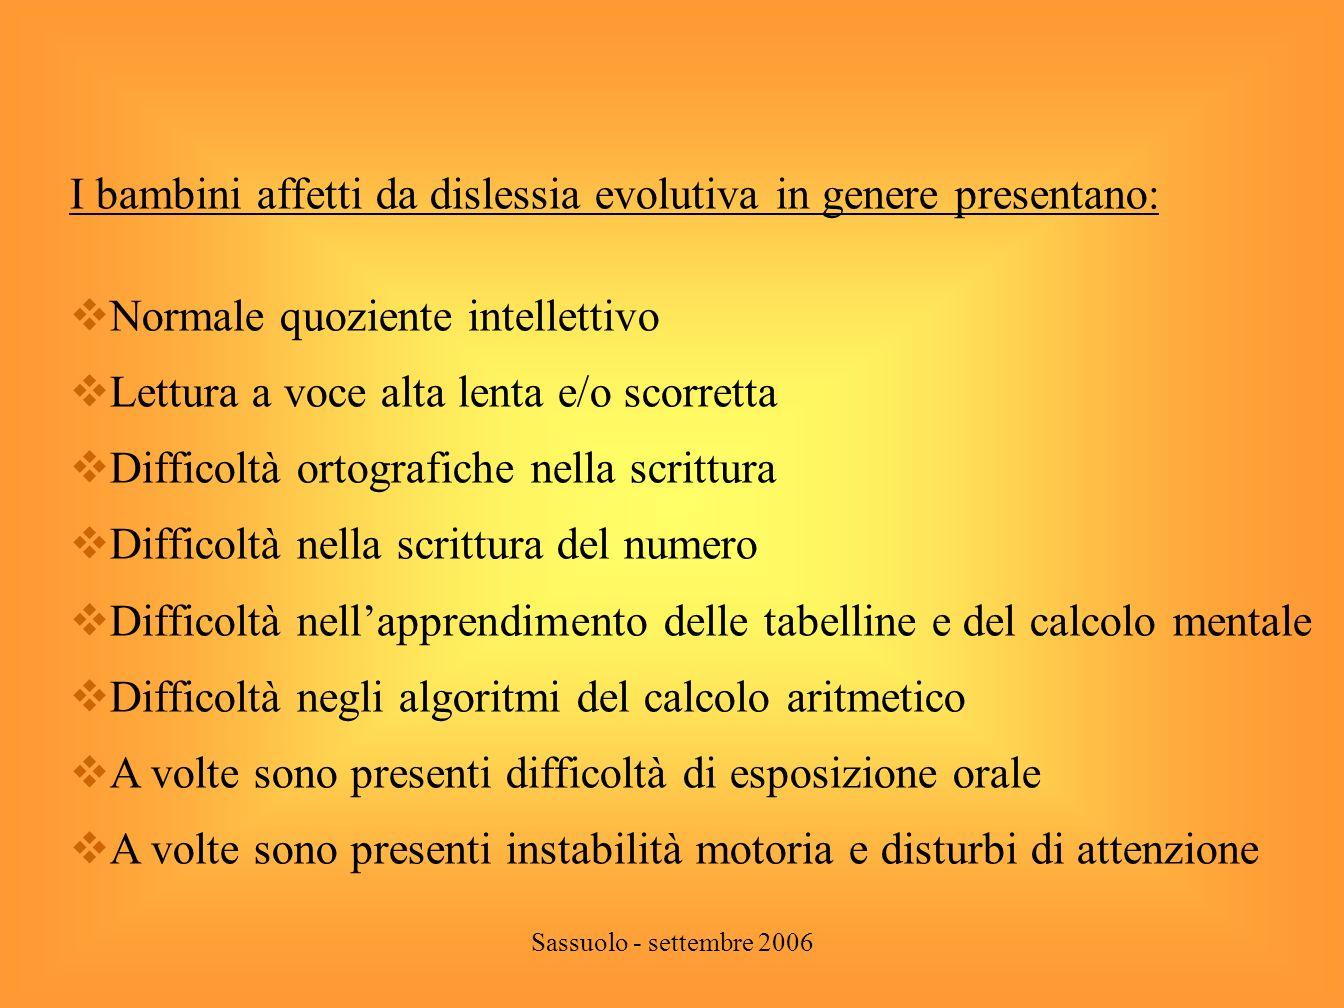 I bambini affetti da dislessia evolutiva in genere presentano: